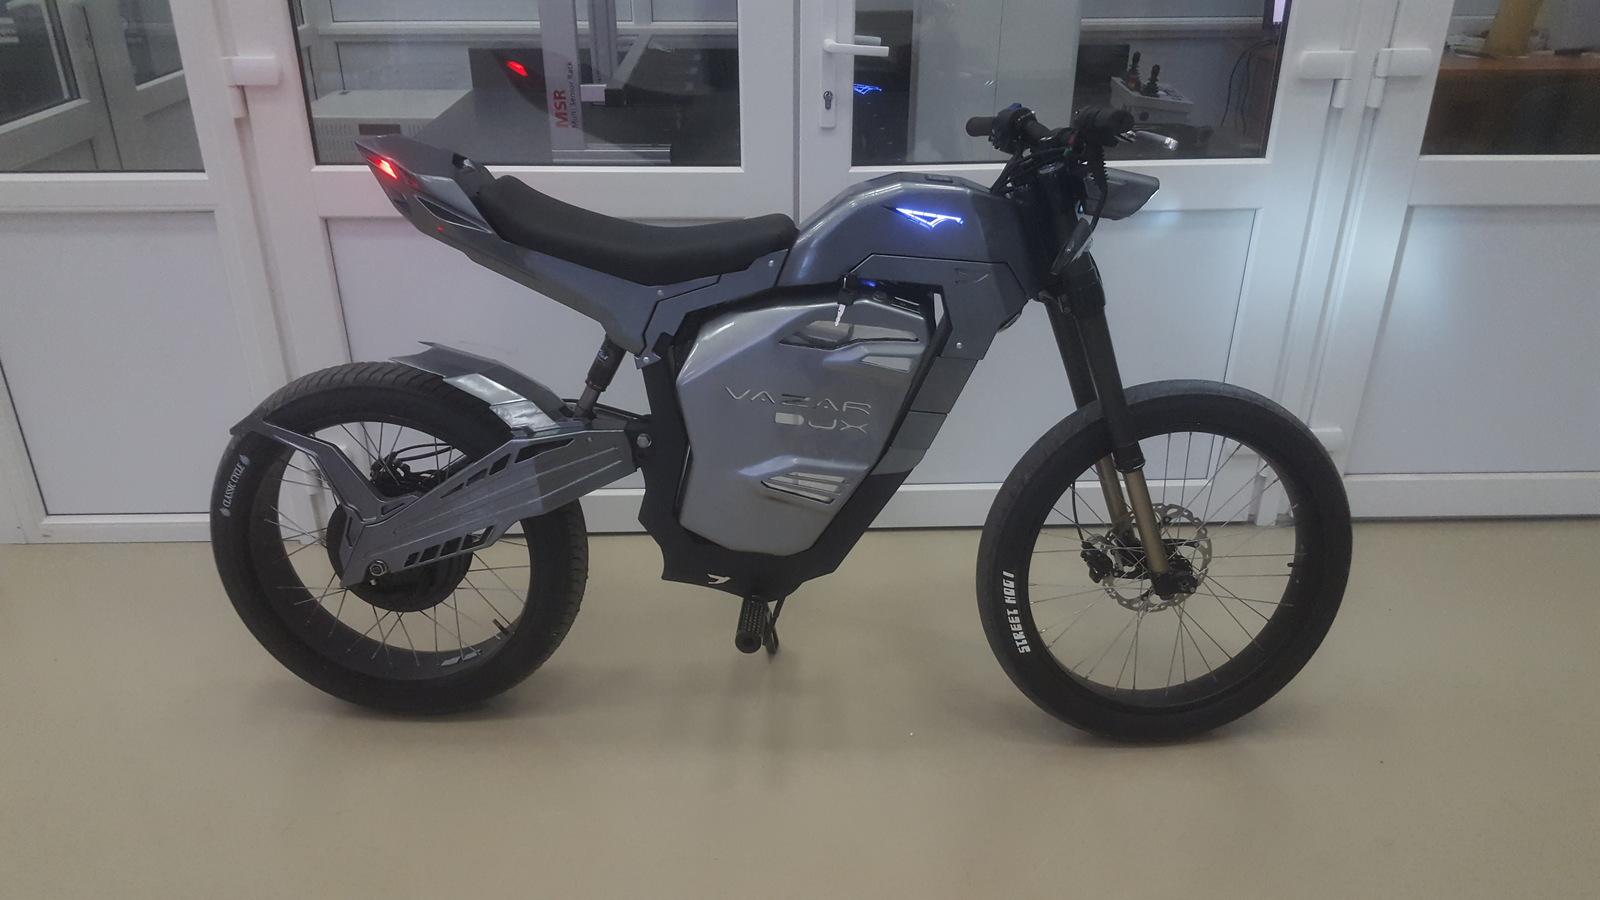 Электромотоцикл своими руками только, просто, пластика, мотор, которые, Когда, всего, модели, принтера, большой, времени, принтер, грудины, спустя, этого, труда, моего, хвост, седло, формы